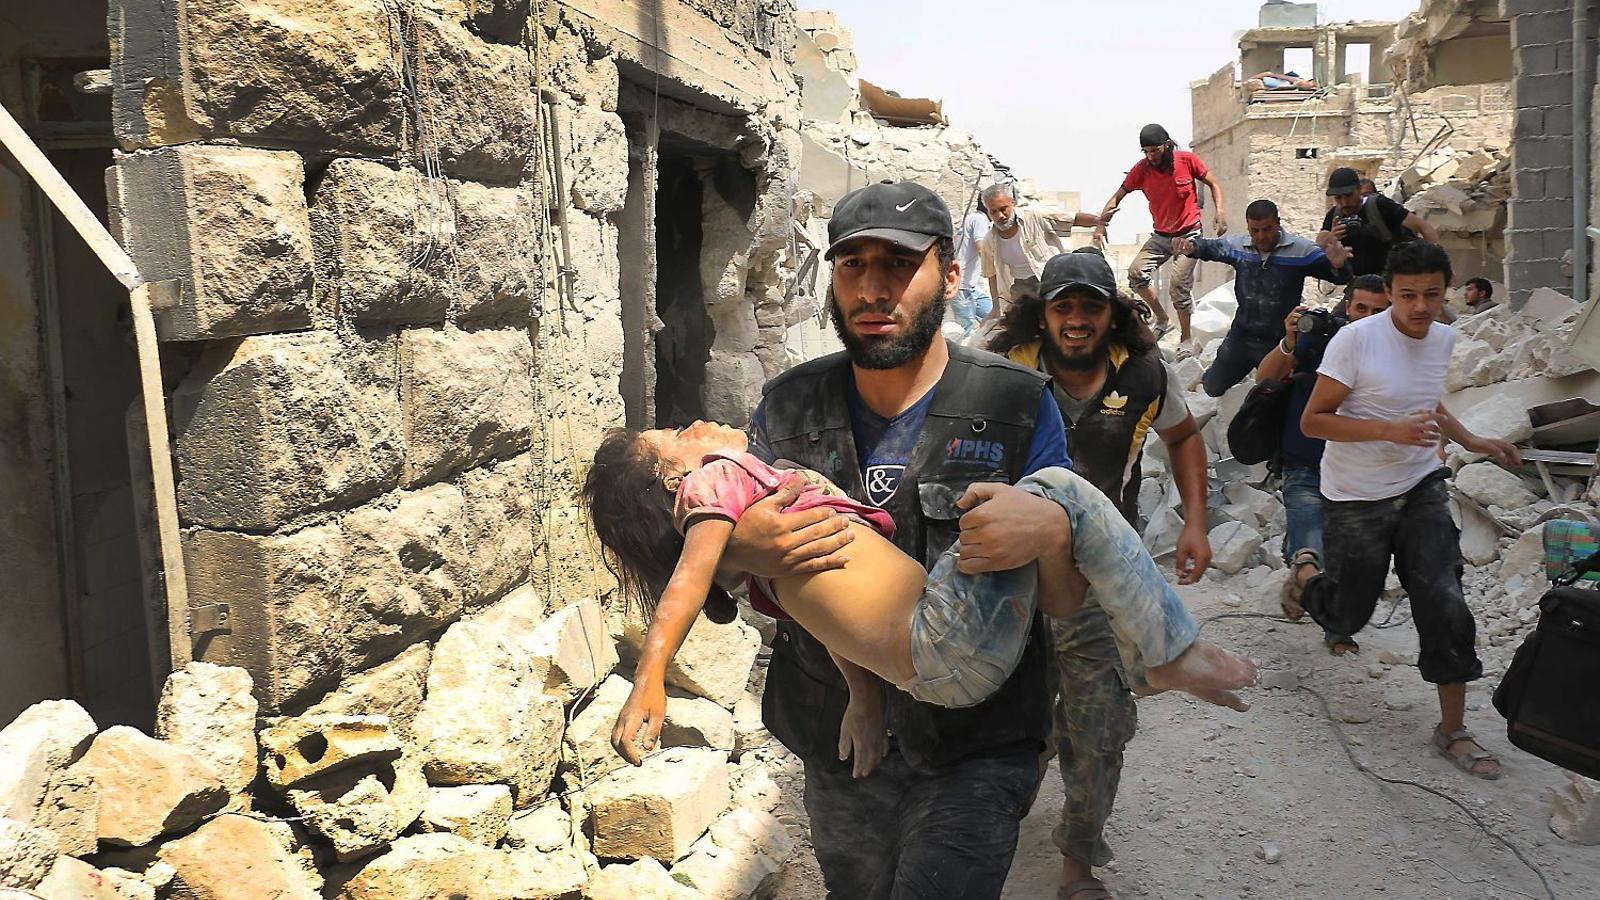 Un home portant una nena ferida per un atac amb barrils bomba, ahir al barri Bab al-Nairab, al sud de la ciutat siriana d'Alep.